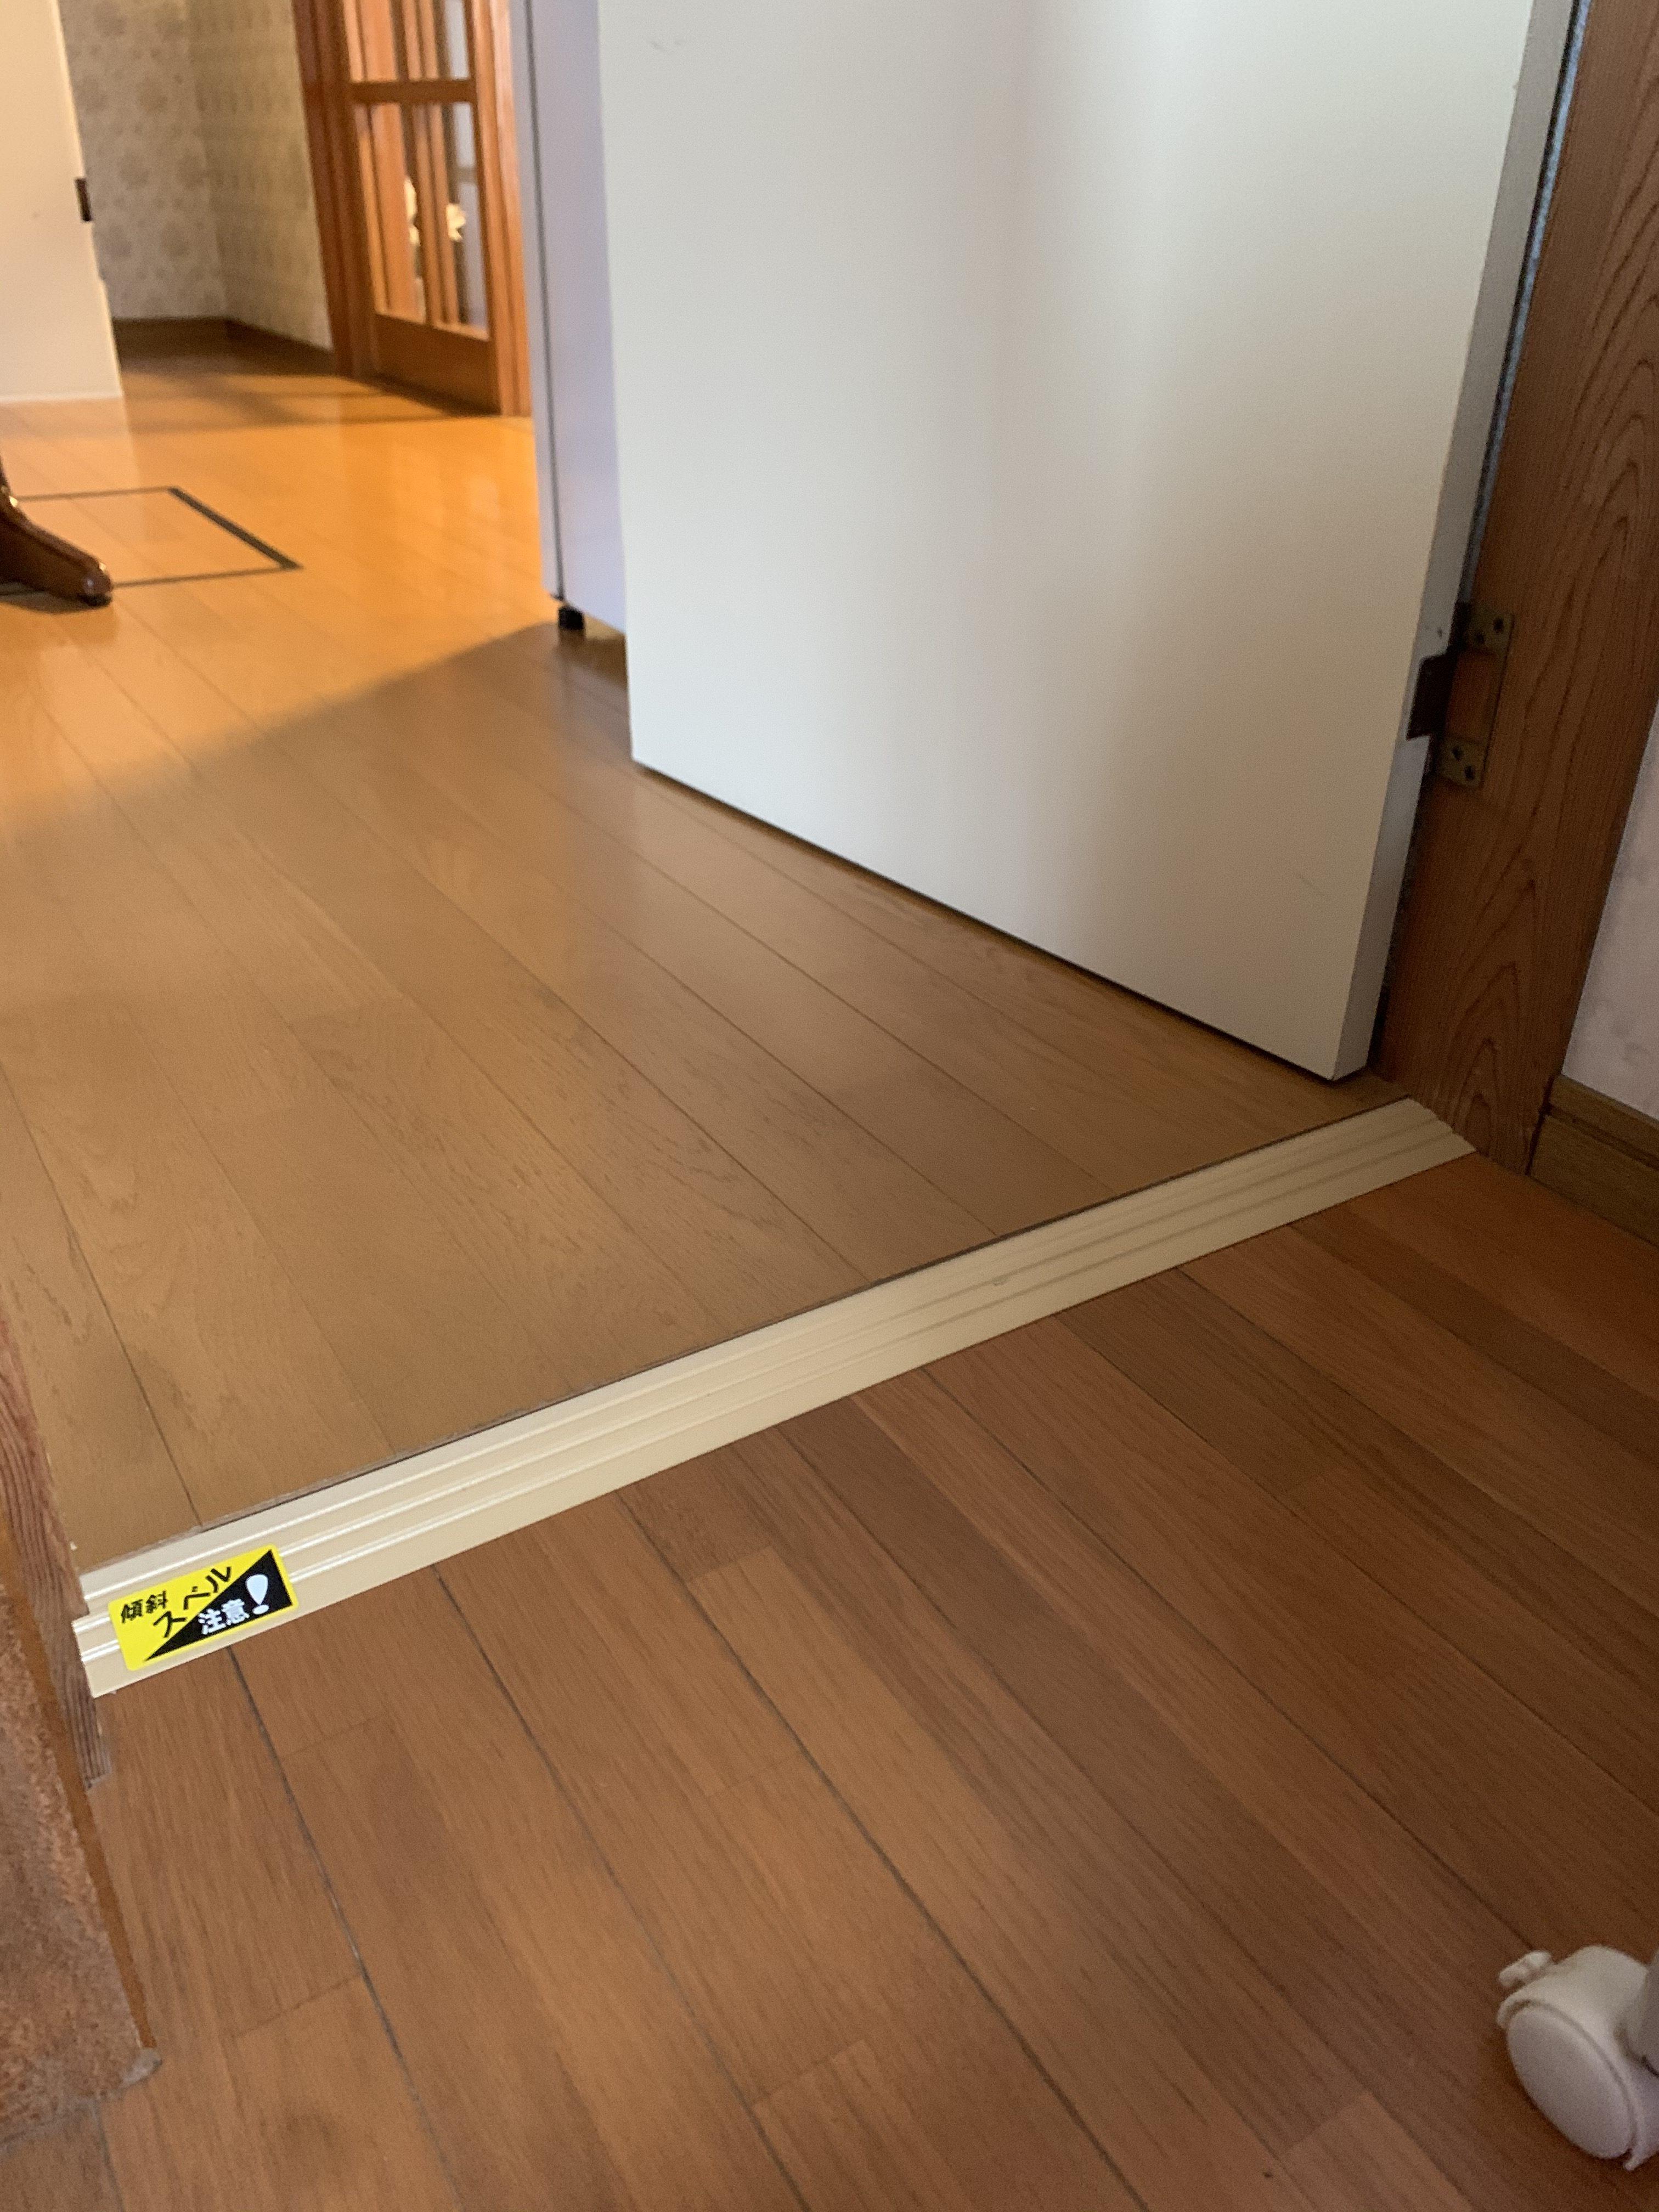 浴室へのわずかな段差には摺り寄せ板を設置して、つまずき防止